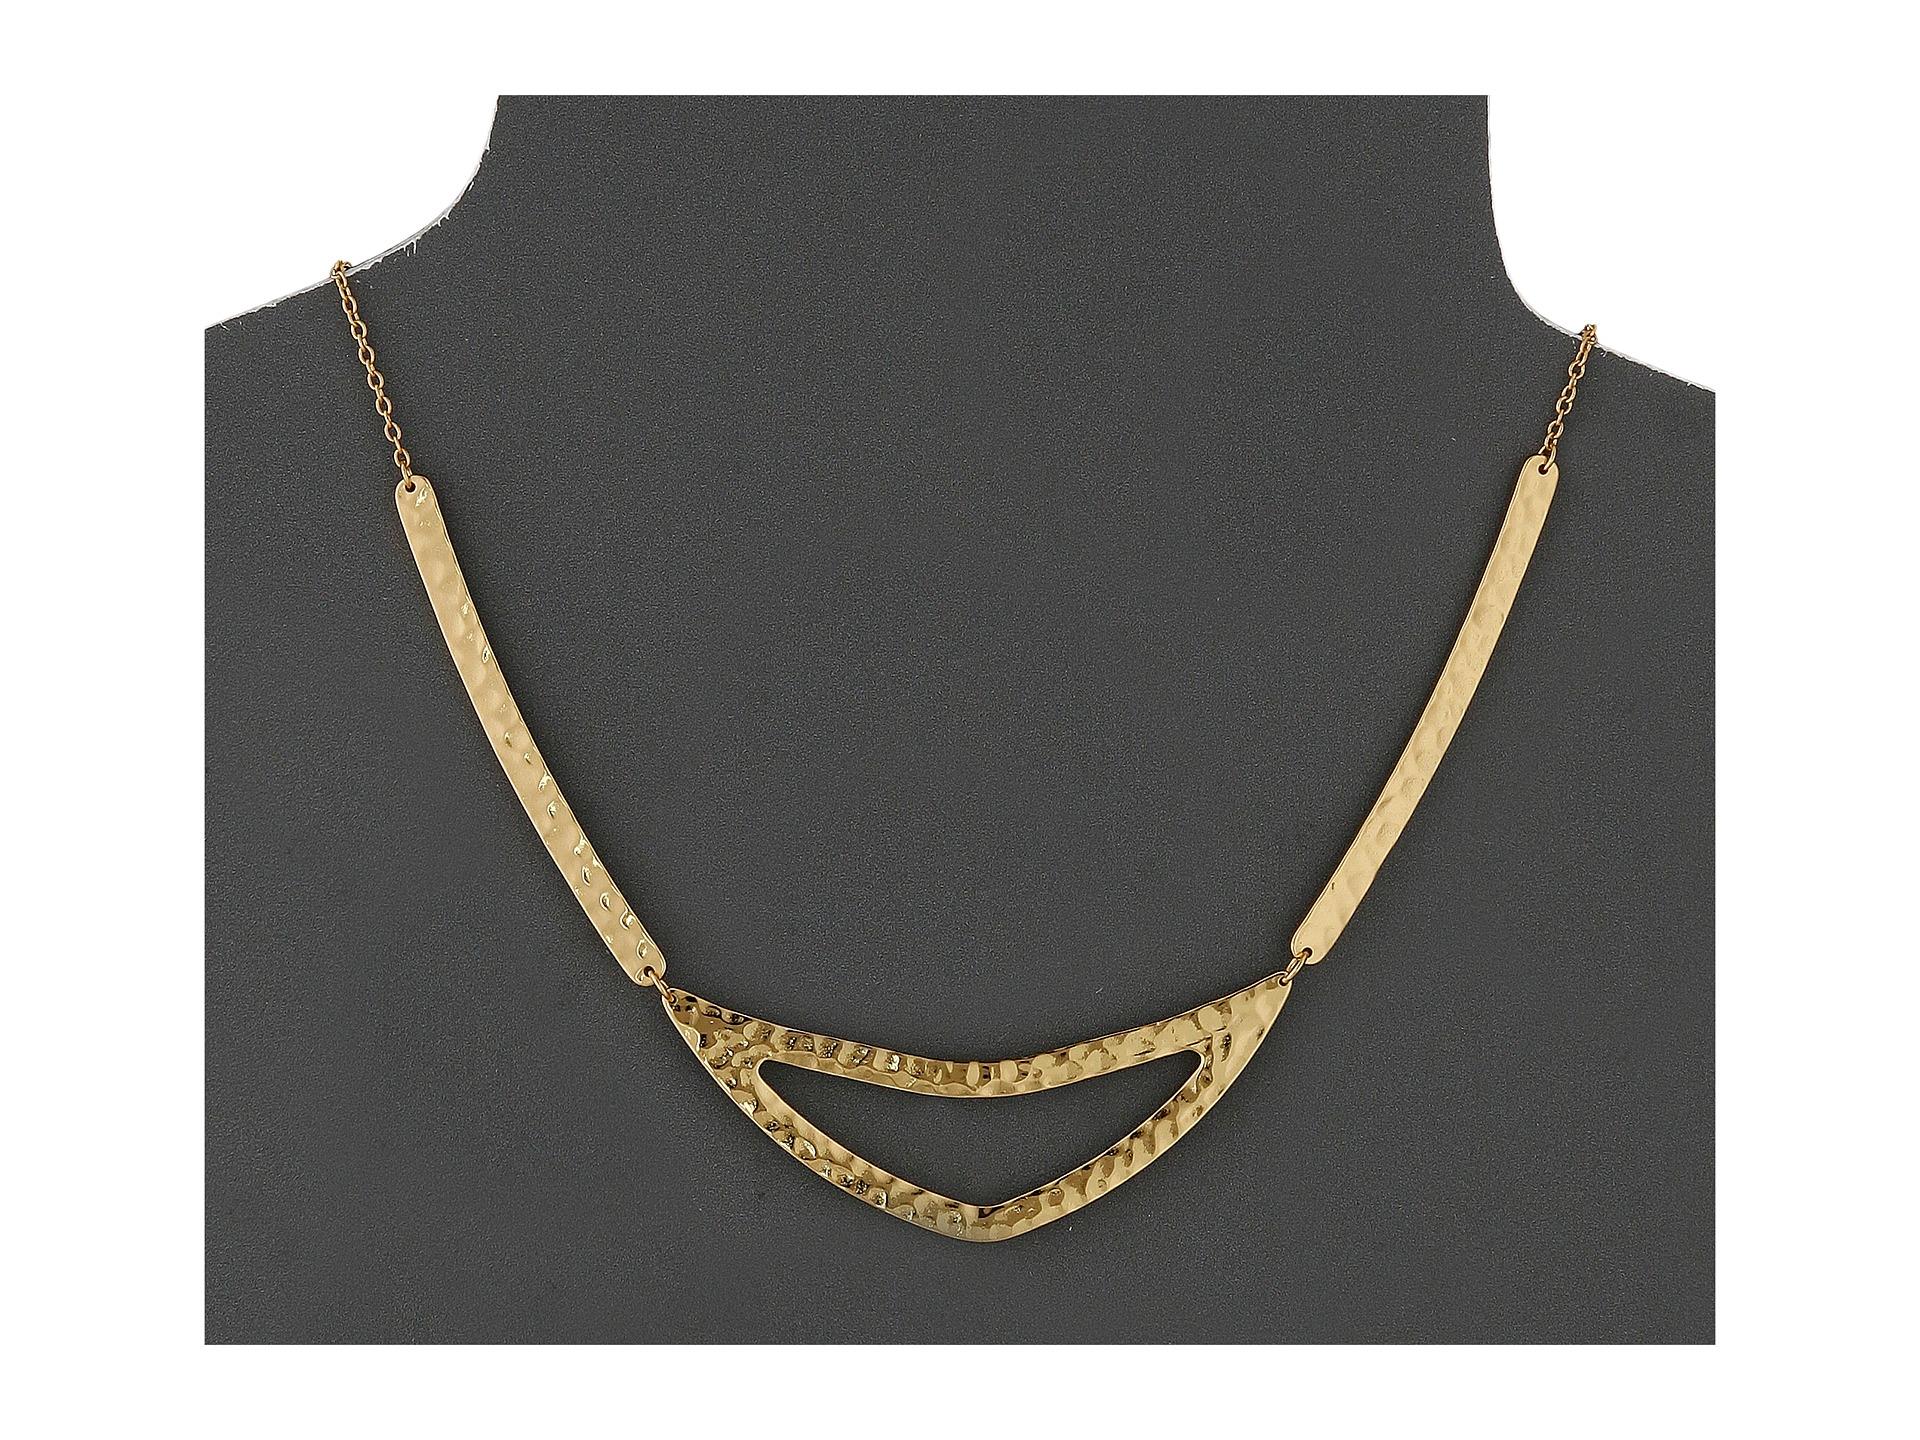 Gorjana Amanda Collar Necklace in Metallic Gold nGbkz